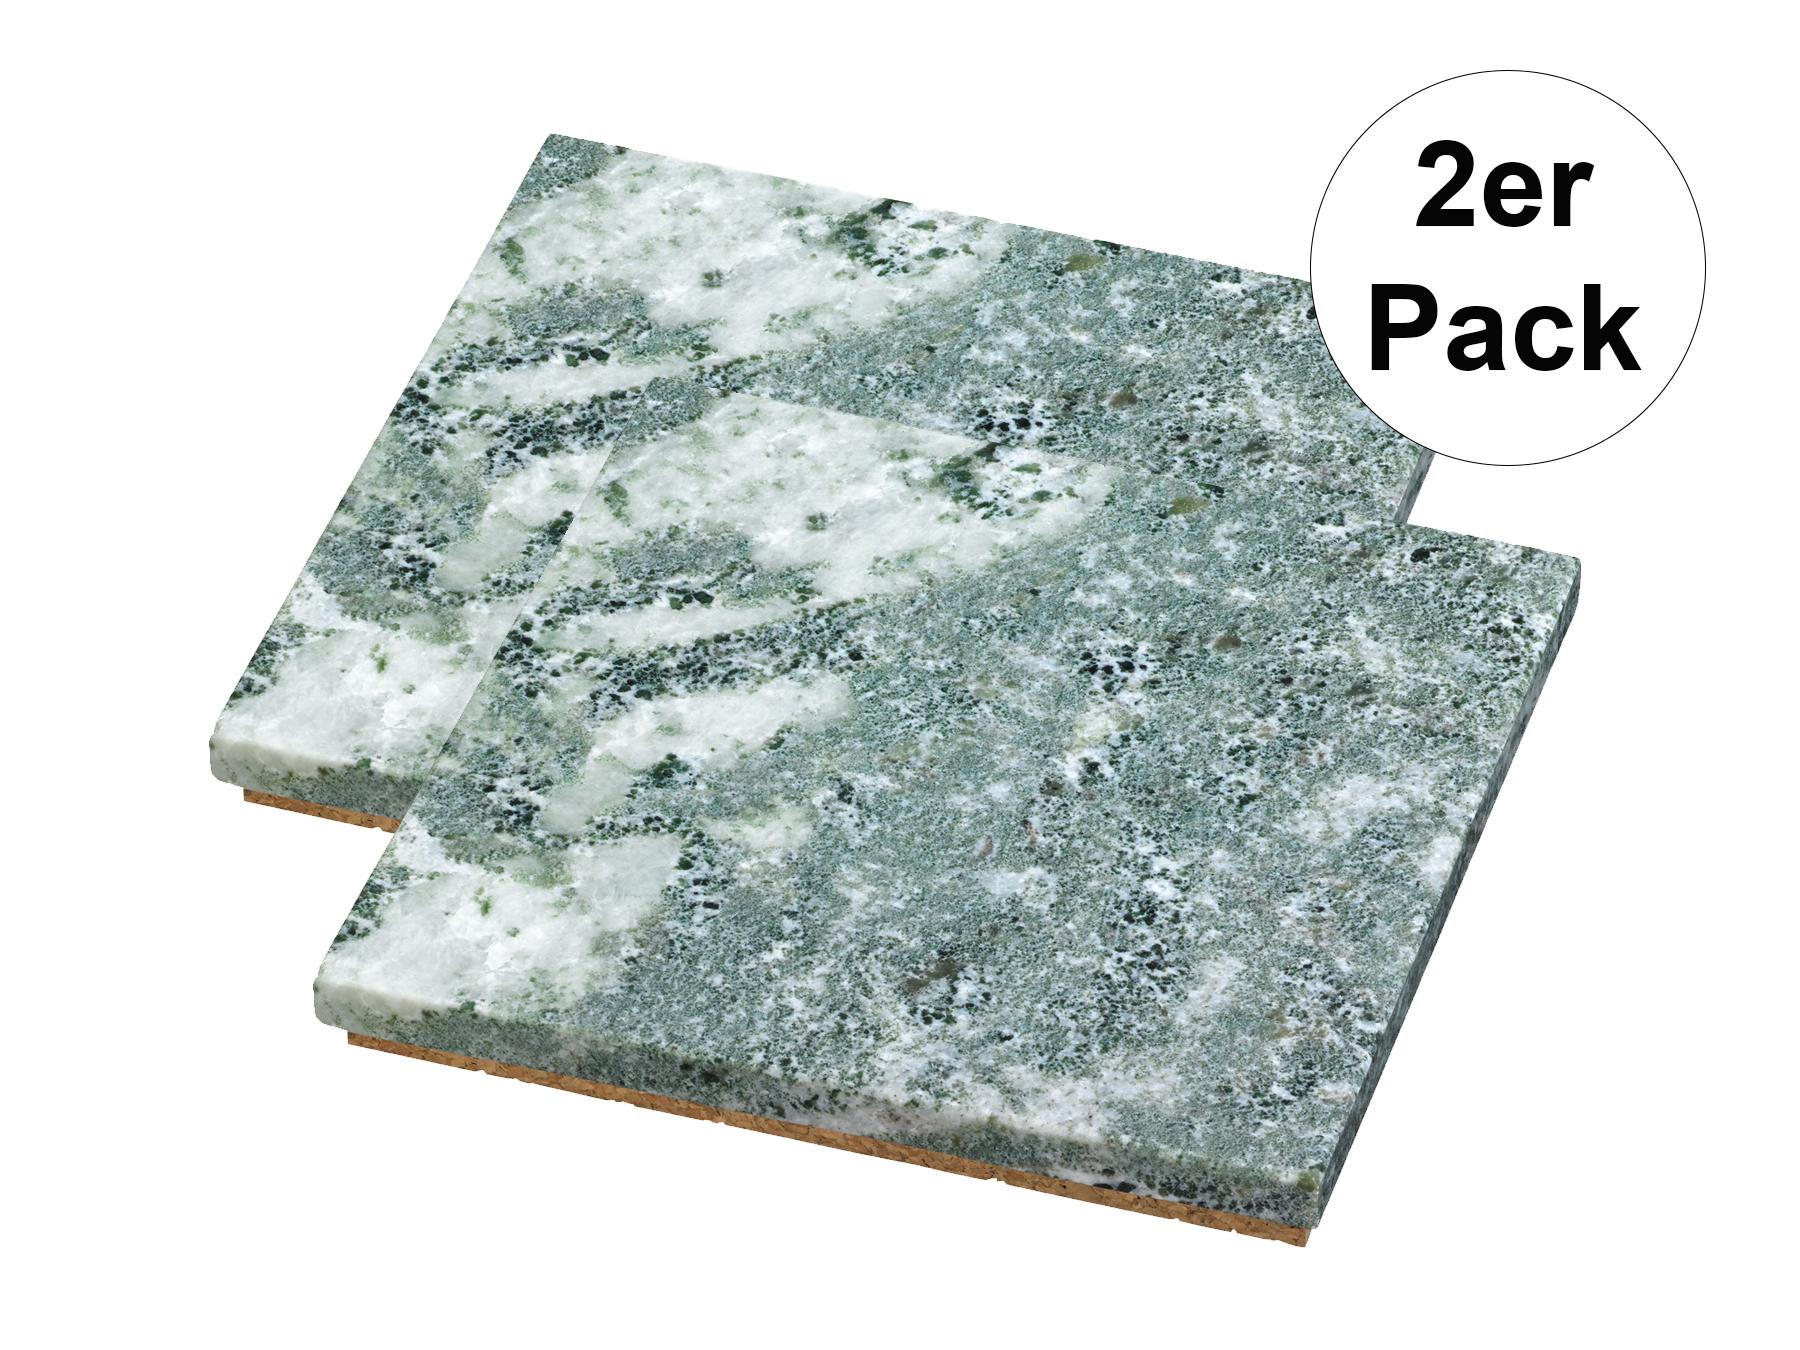 Skeppshult Marmoruntersetzer 2er Pack 10 x 10 cm